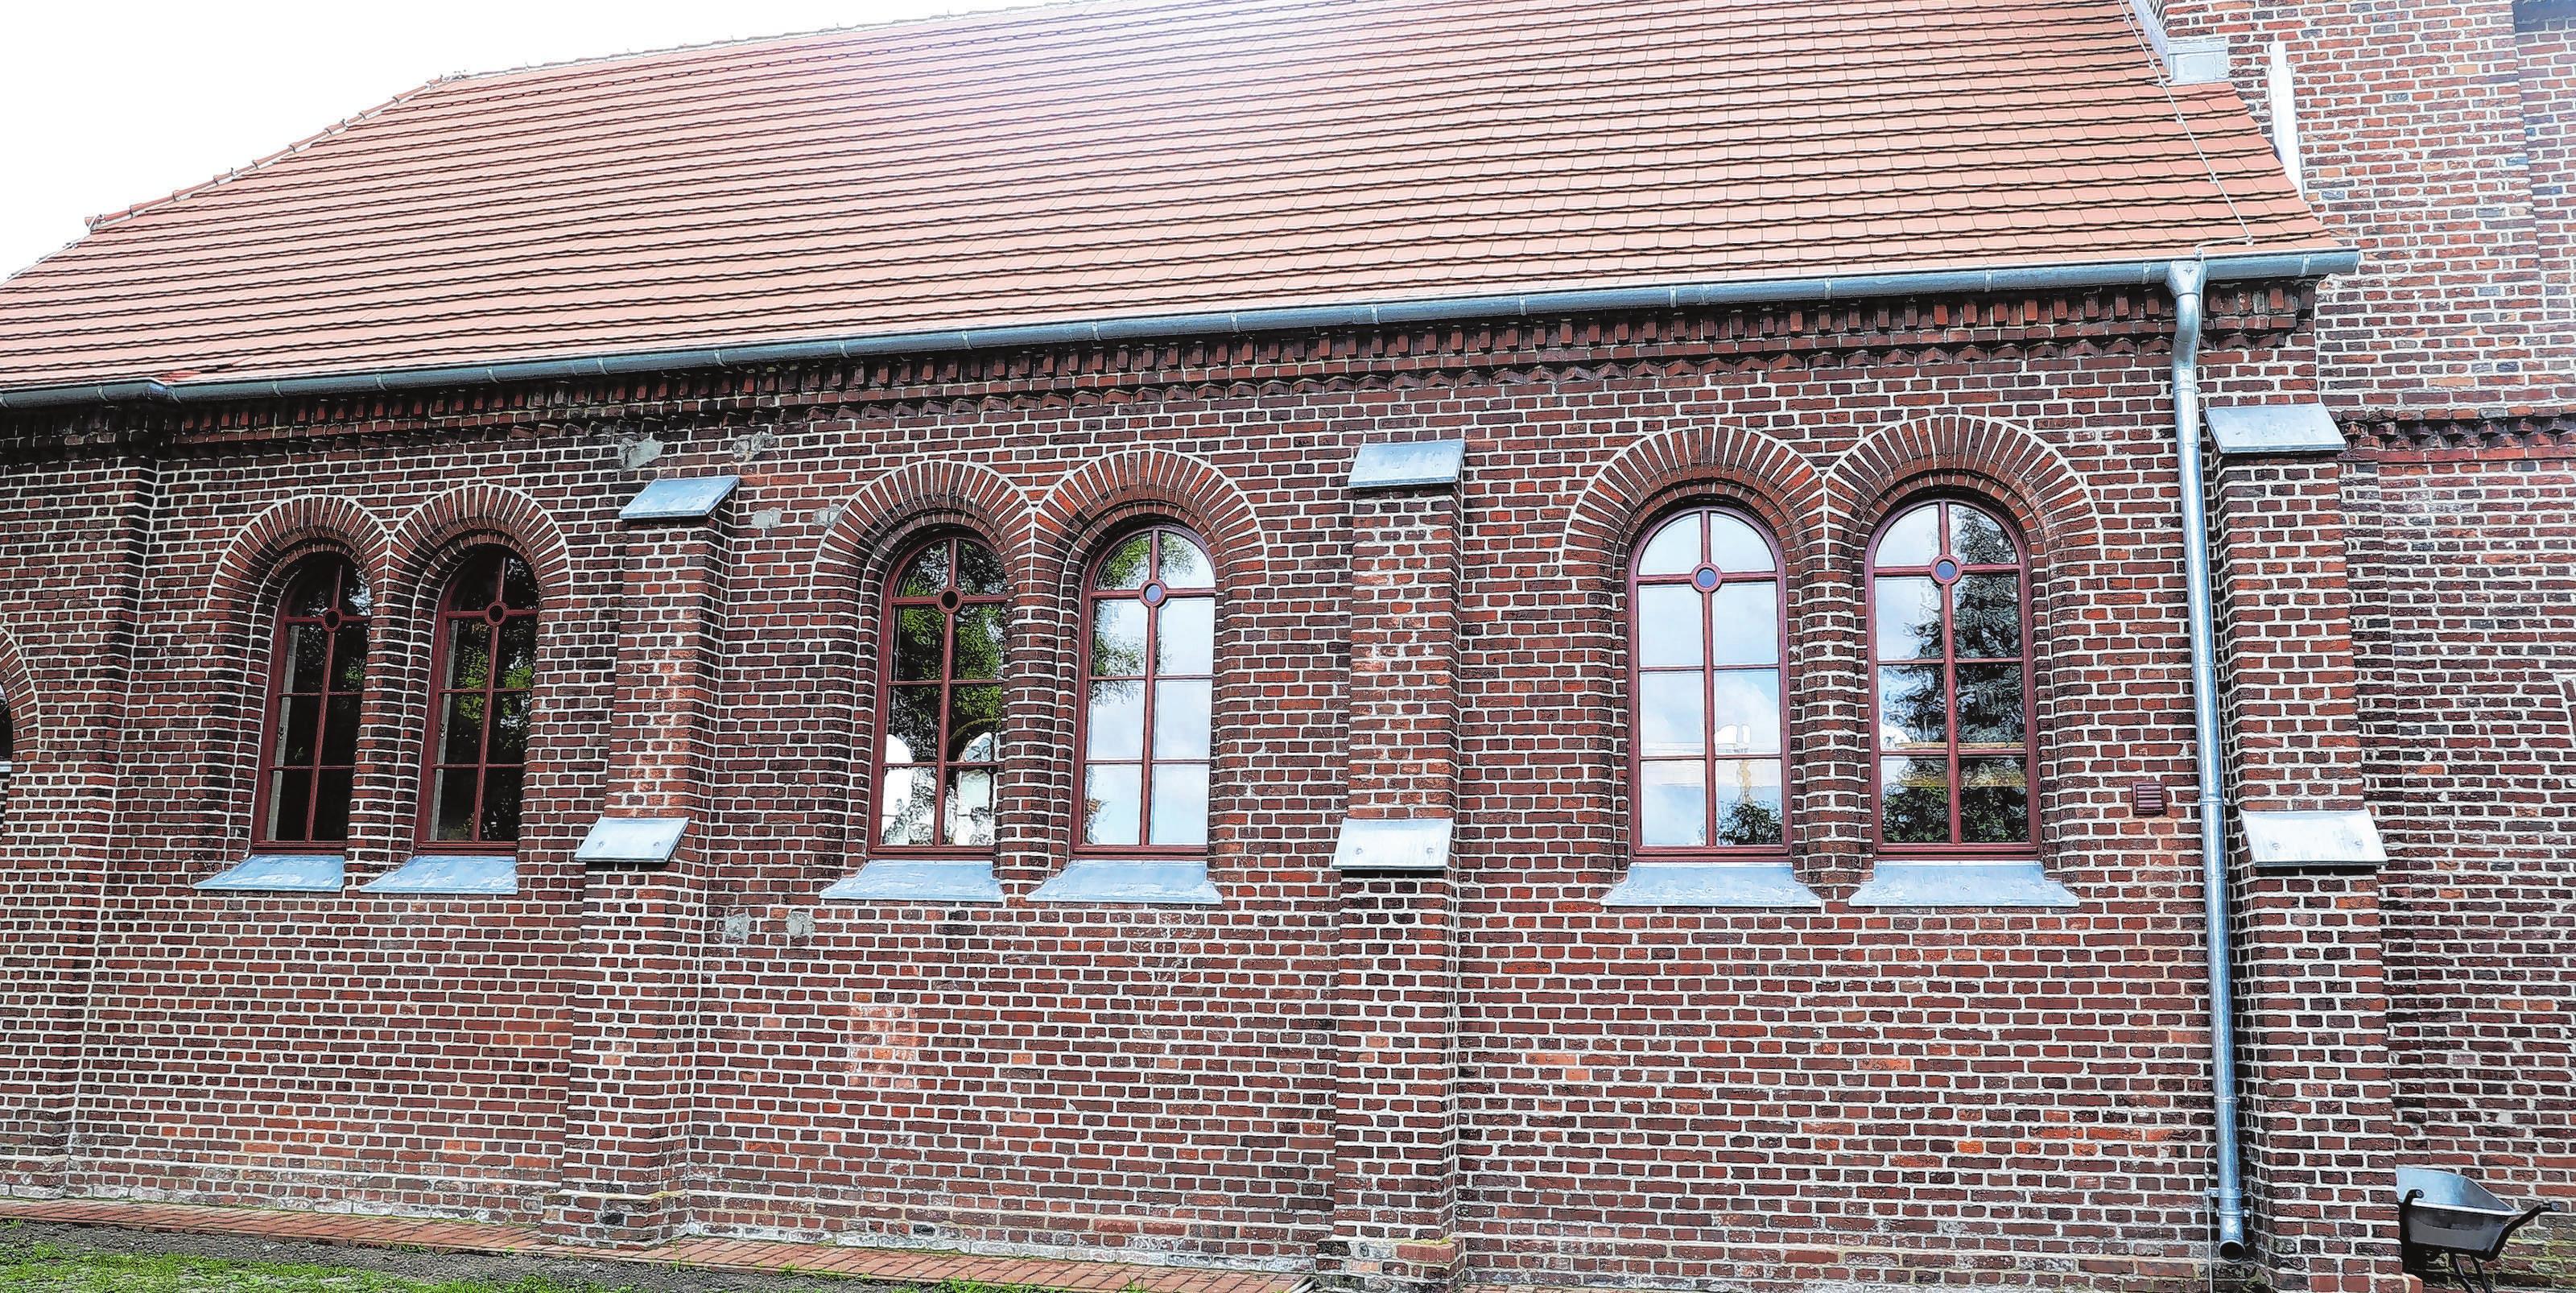 Rückseite des Kirchenschiffs mit erstmals angebrachter Dachrinne und neuen Fensterbankabdeckungen. Foto: Weber